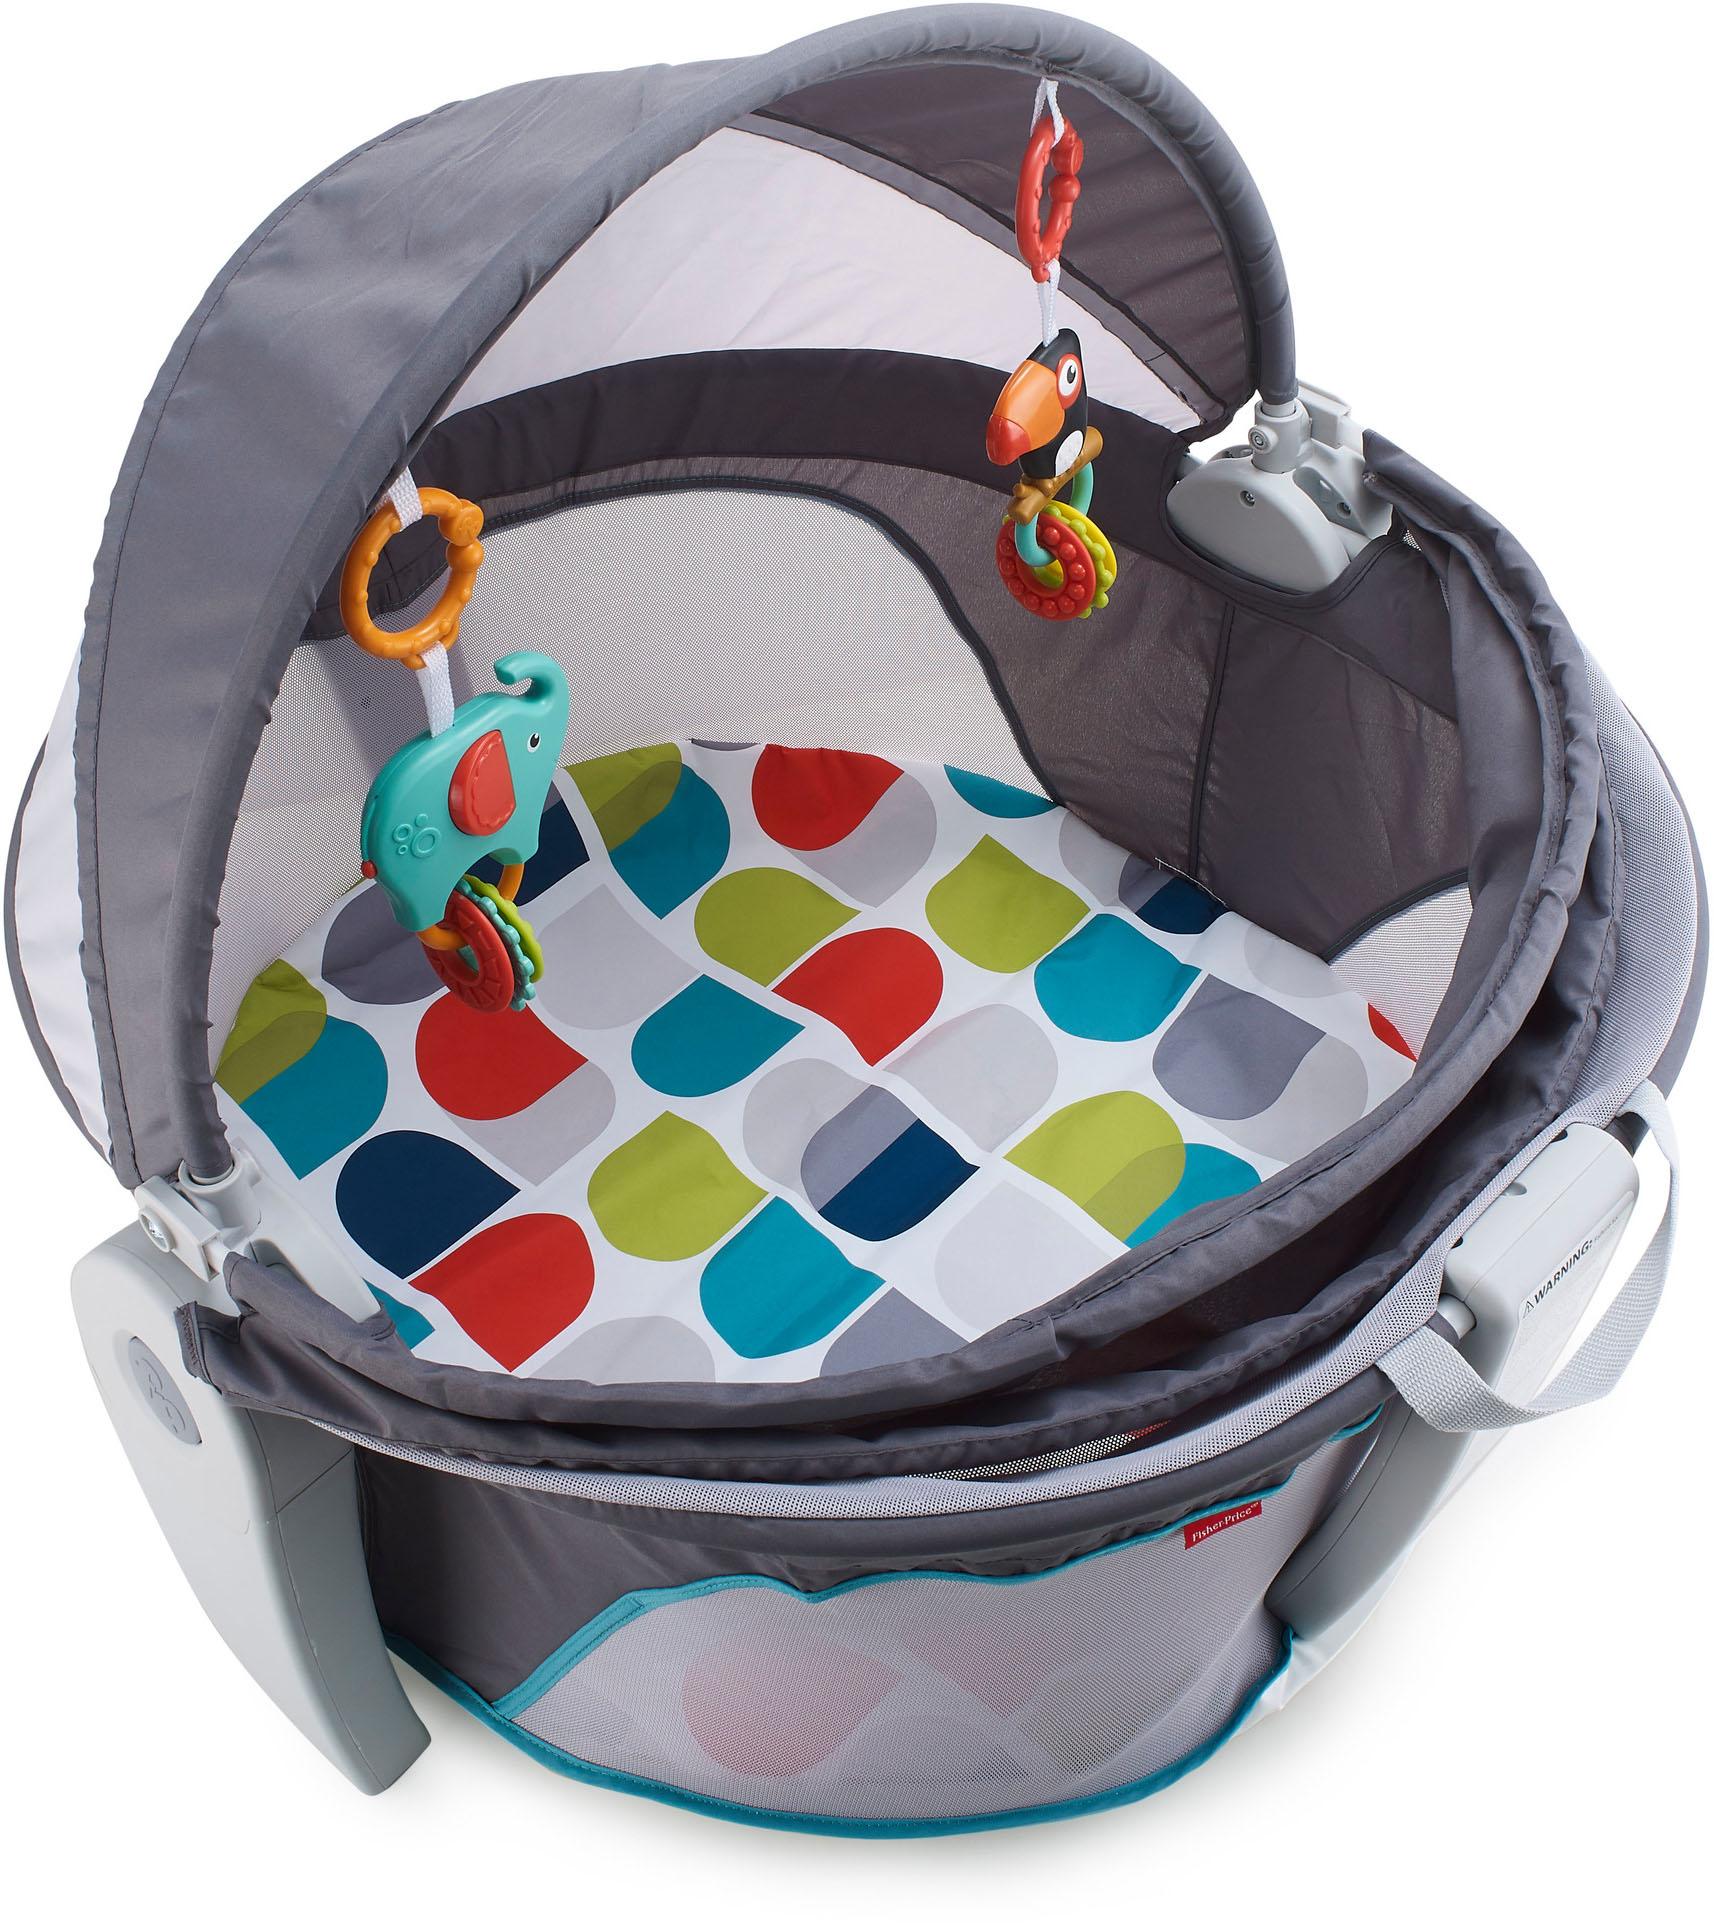 Fisher-Price Babywippe Reise-Babykorb, bis 9 kg grau Baby Babywippen Bauchtragen, Babyschaukeln